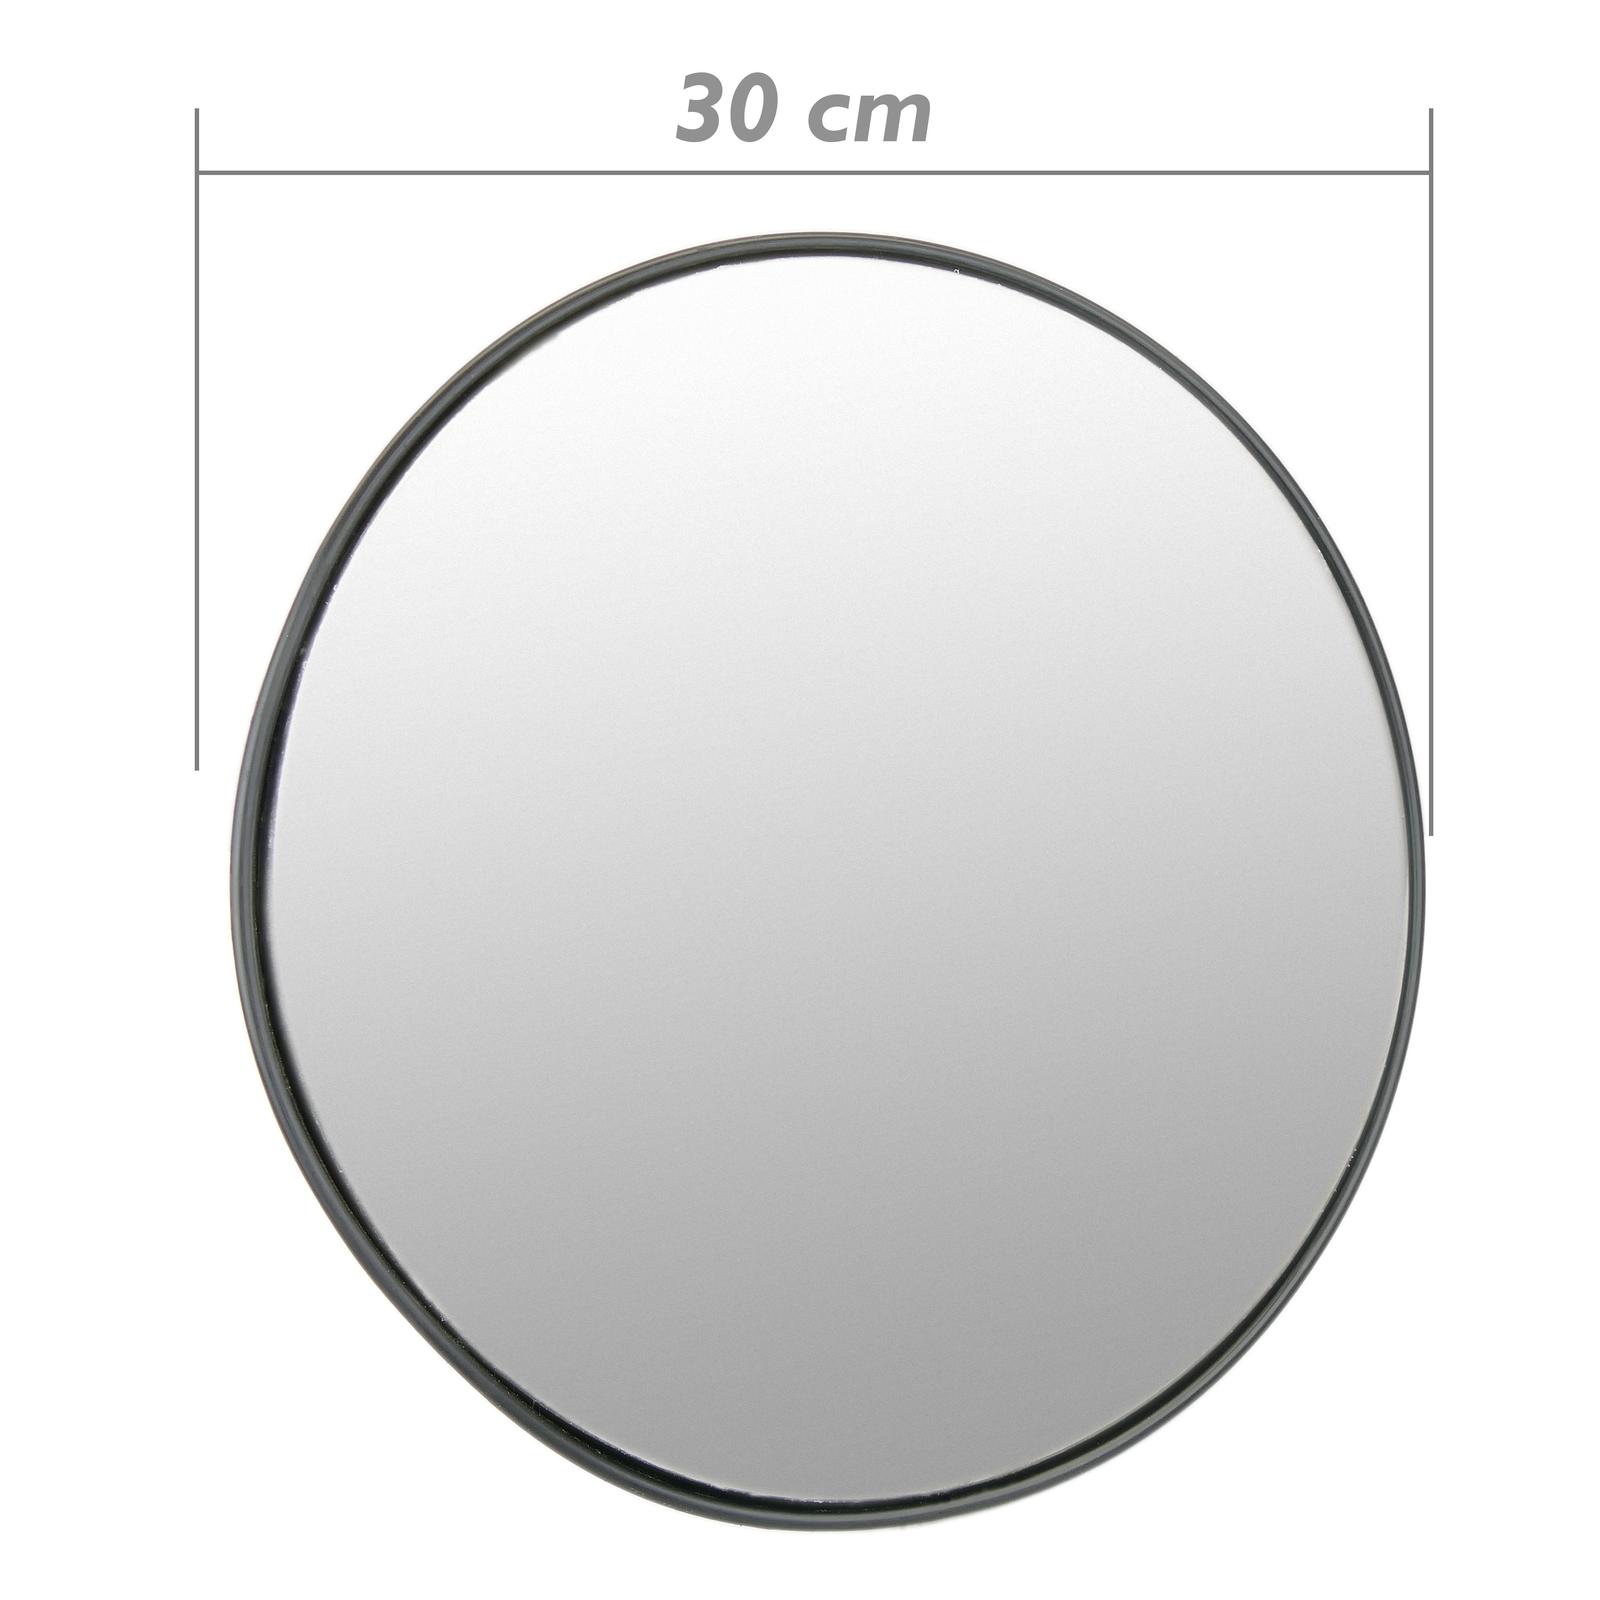 30mm Entretien de voiture Miroir dinspection Creative r/étractable Miroir dinspection avec la t/ête r/églable Auto Repair Machine Tools 1pc